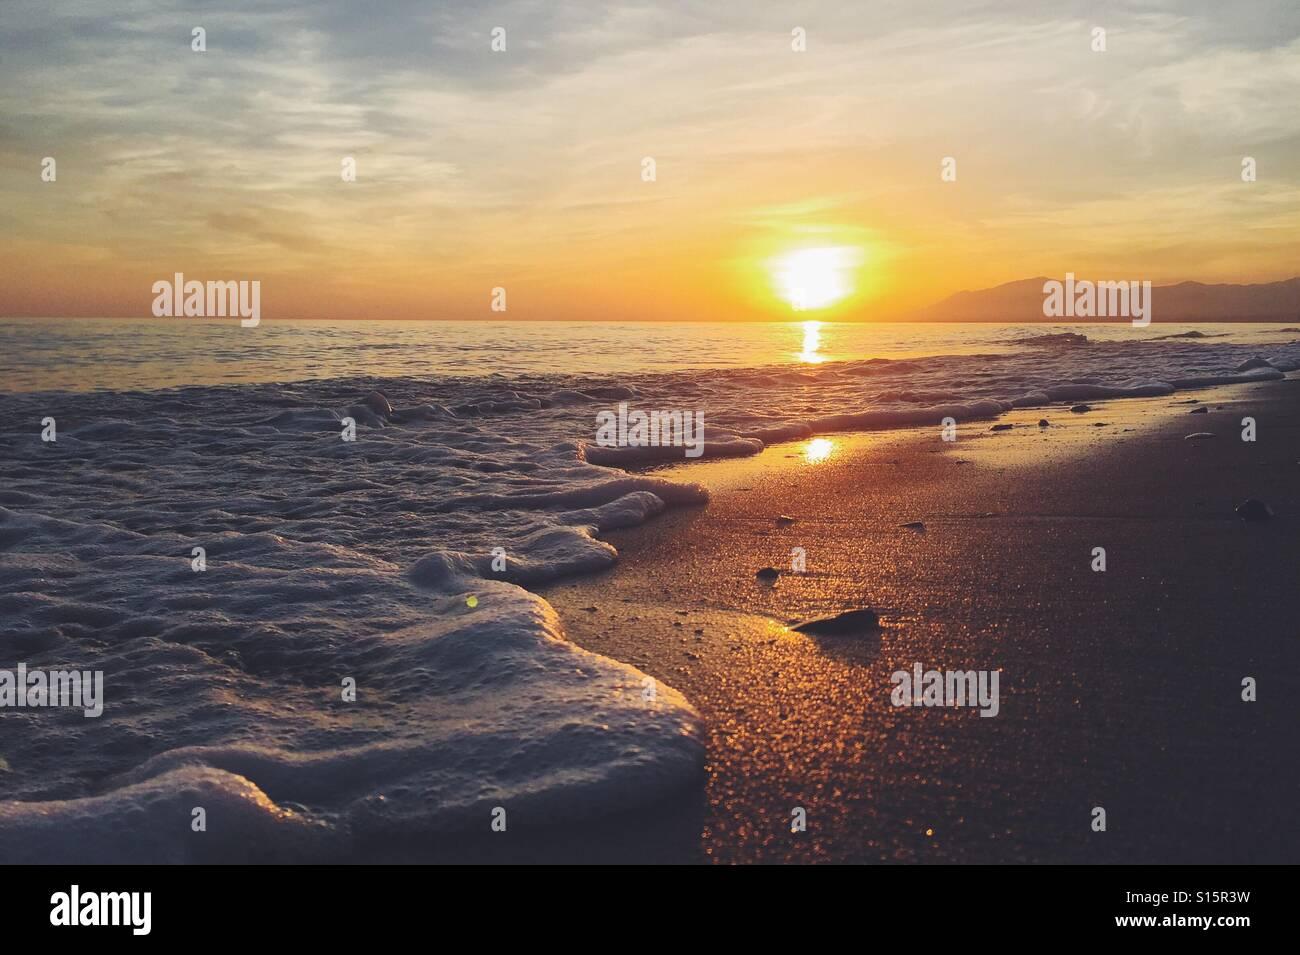 Coucher de soleil sur une plage de sable avec des vagues Photo Stock